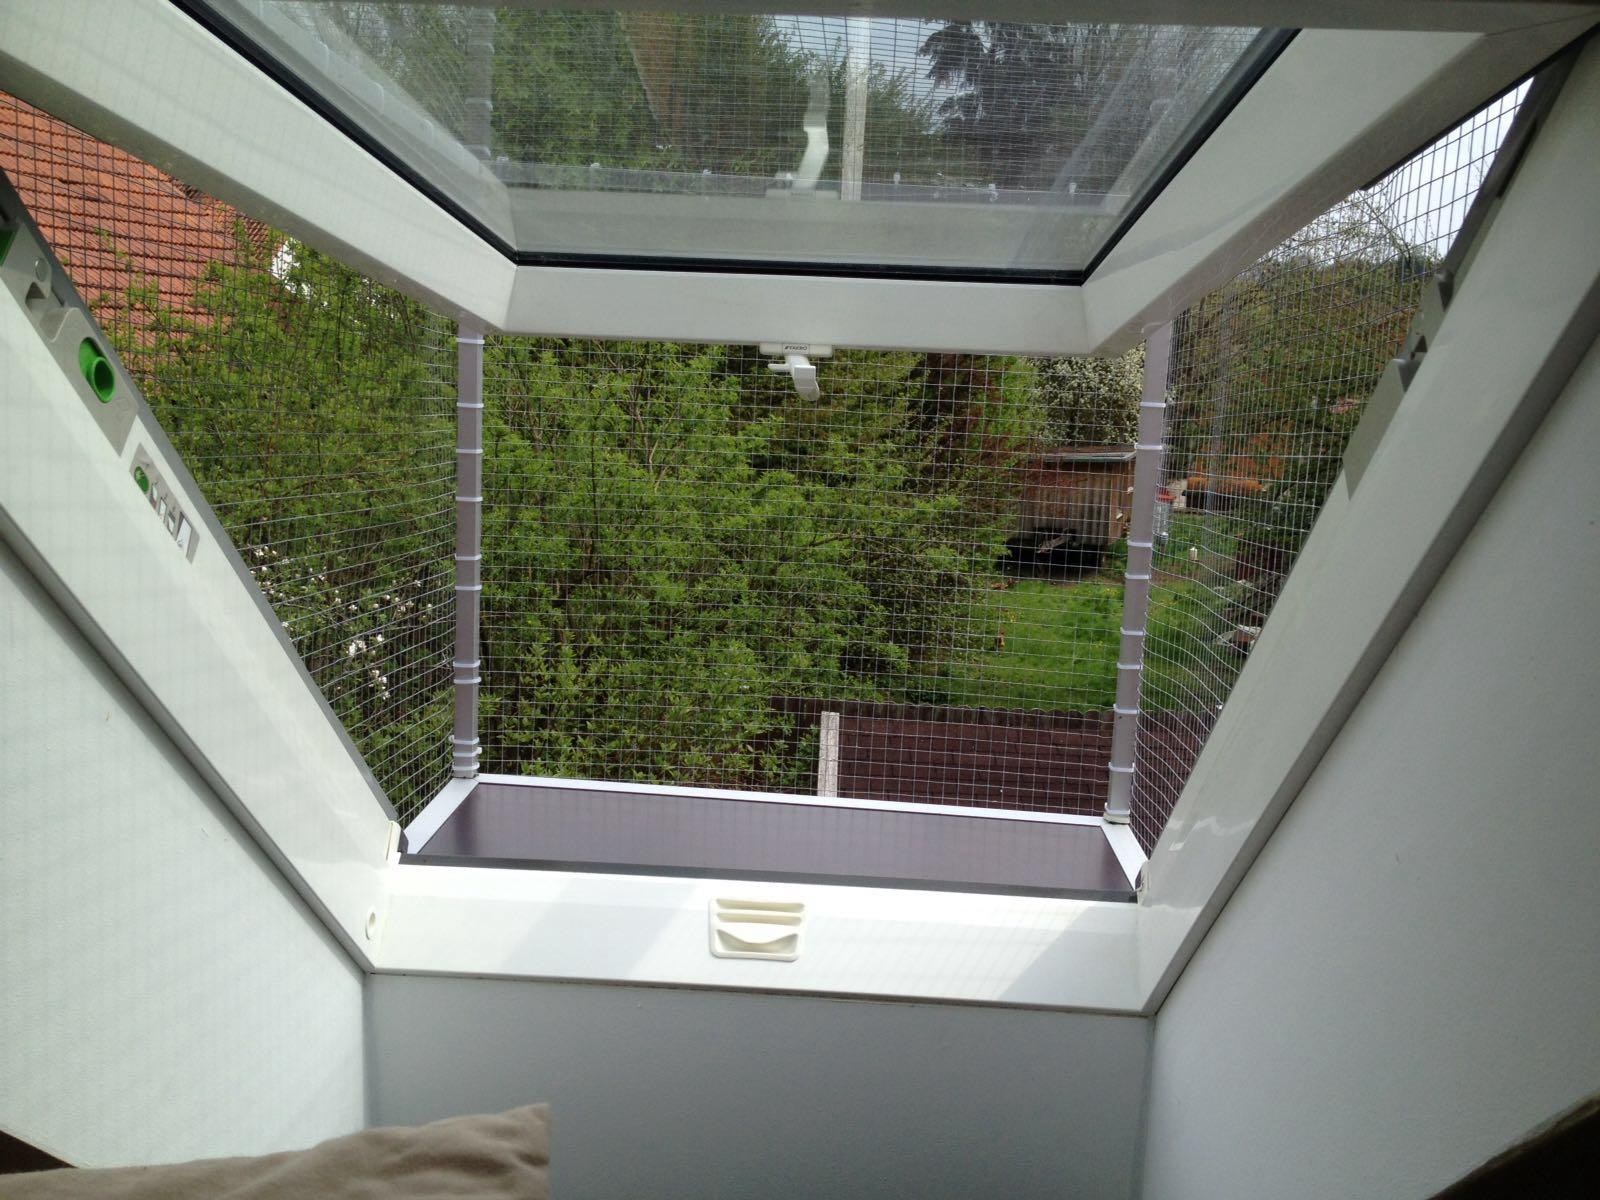 Zeil Voor Balkon : Balkon von innen christiane schimmel